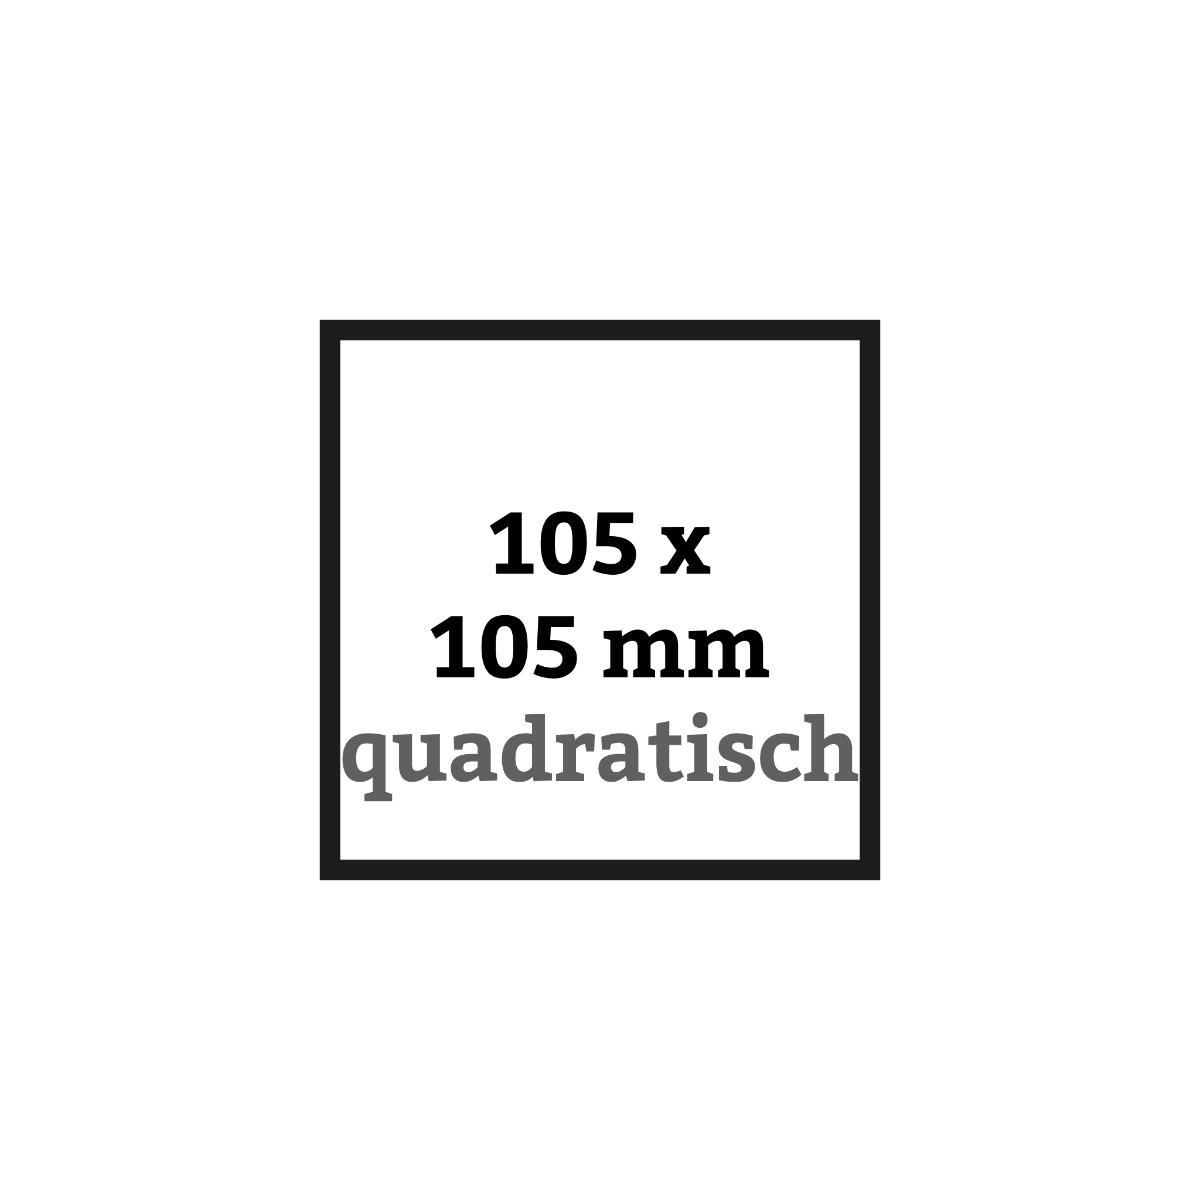 Quadratische Flyer 105 x 105 mm